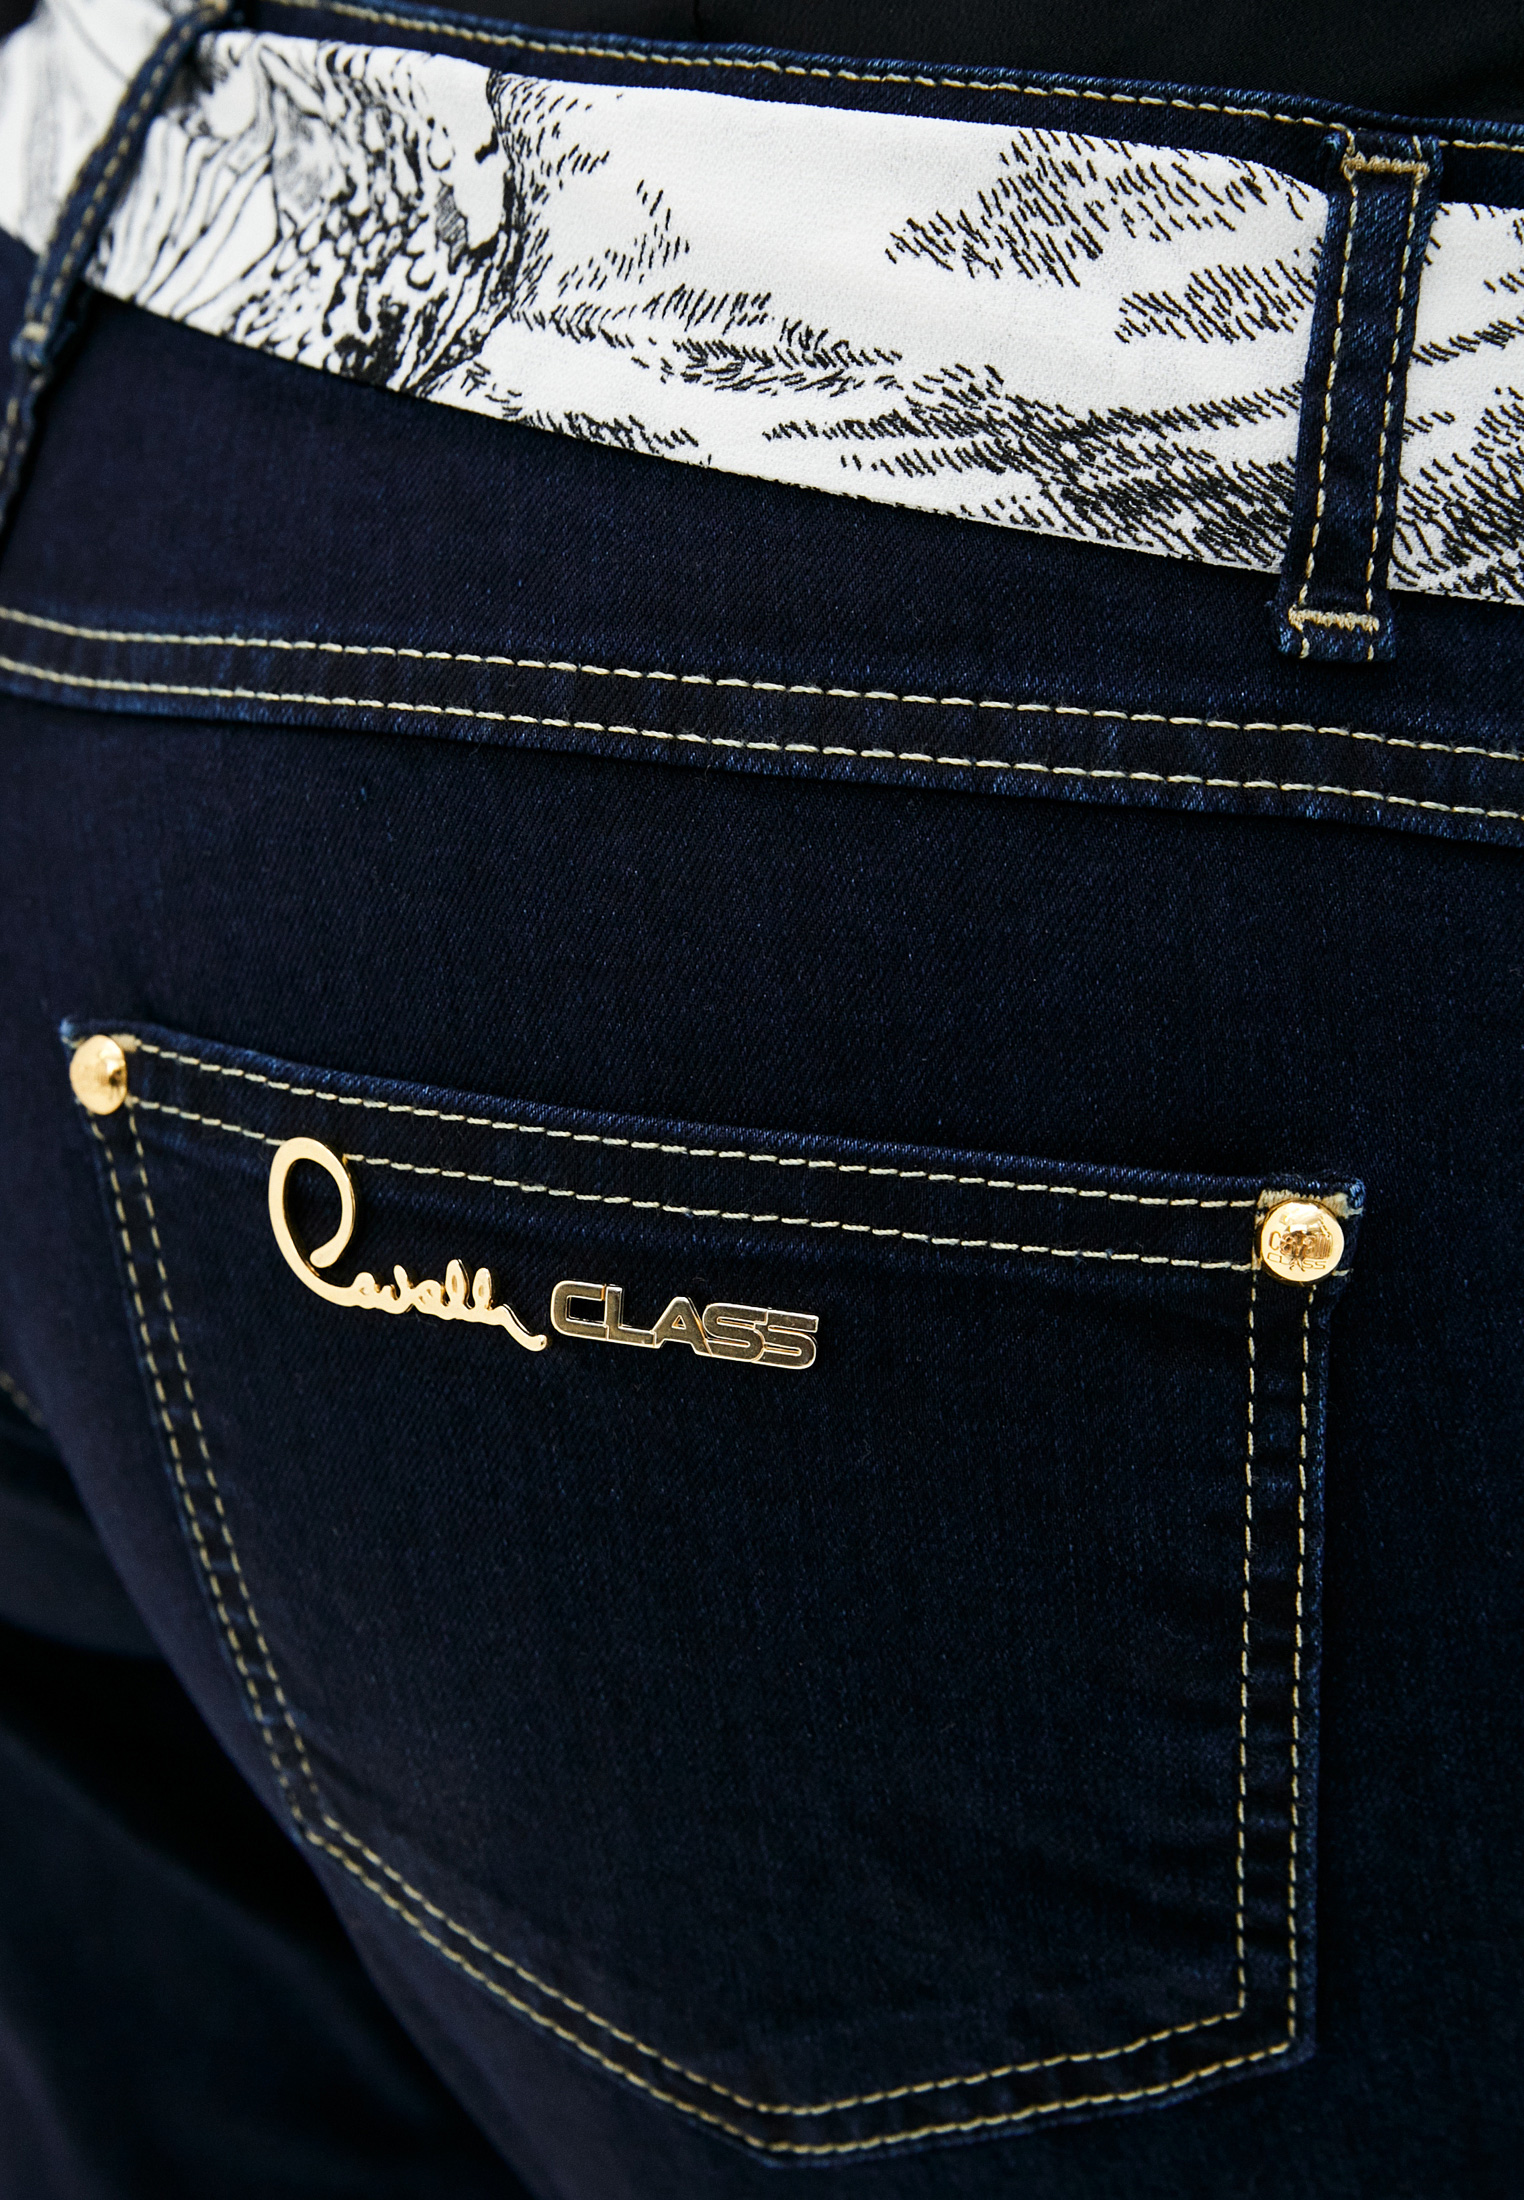 Зауженные джинсы Cavalli Class A1IVA0066018: изображение 4